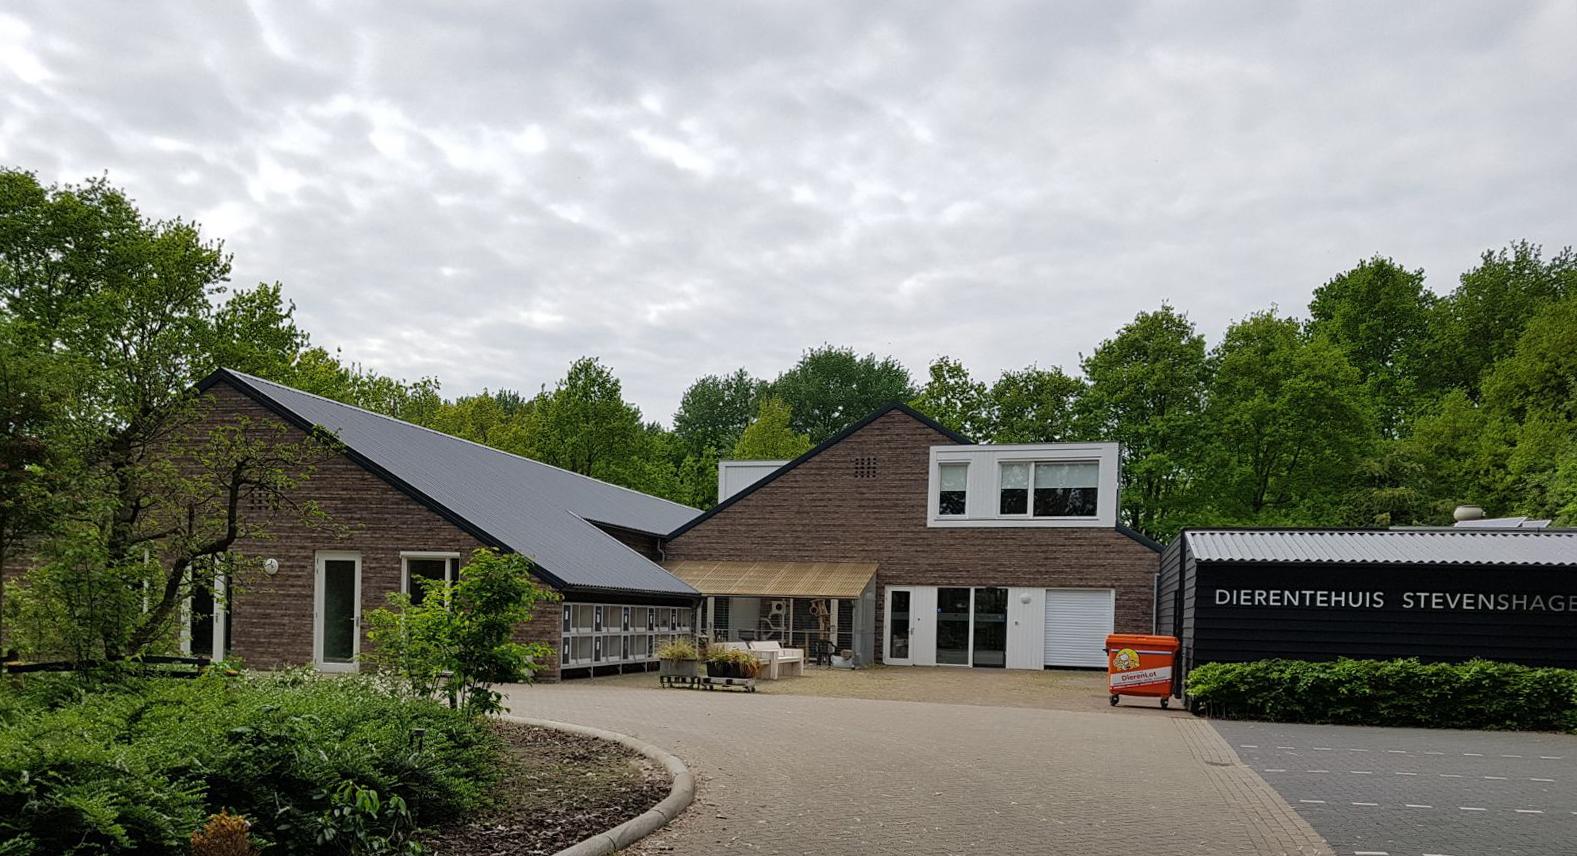 Dierentehuis Stevenshage in Leiden